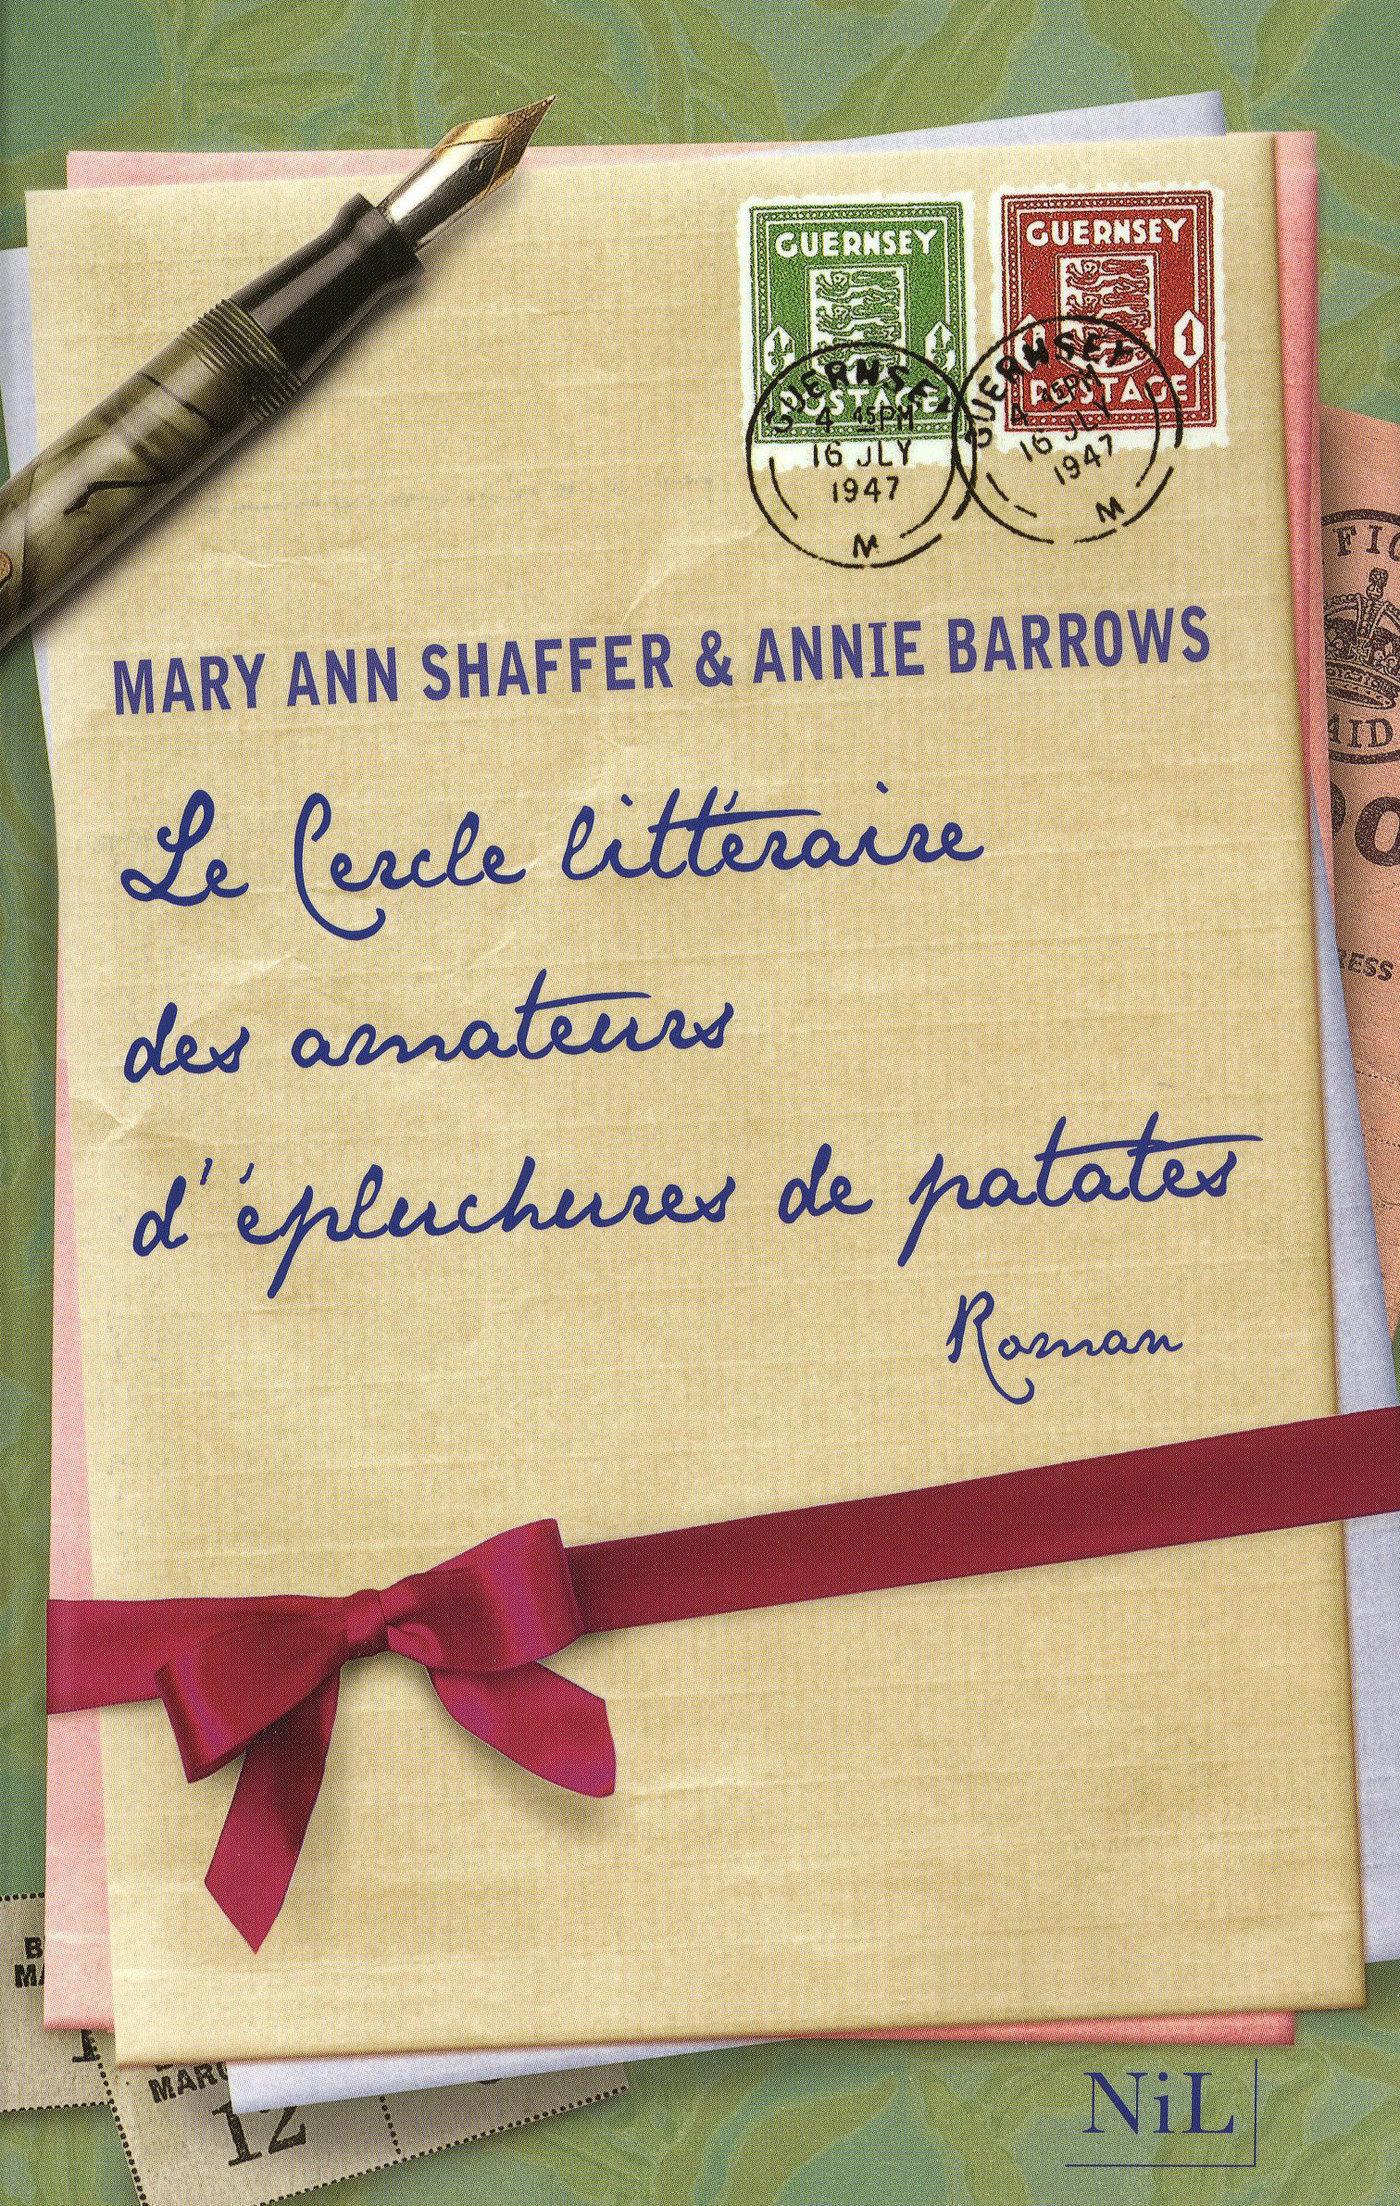 Le Cercle littéraire des amateurs d'épluchures de patates (ebook)